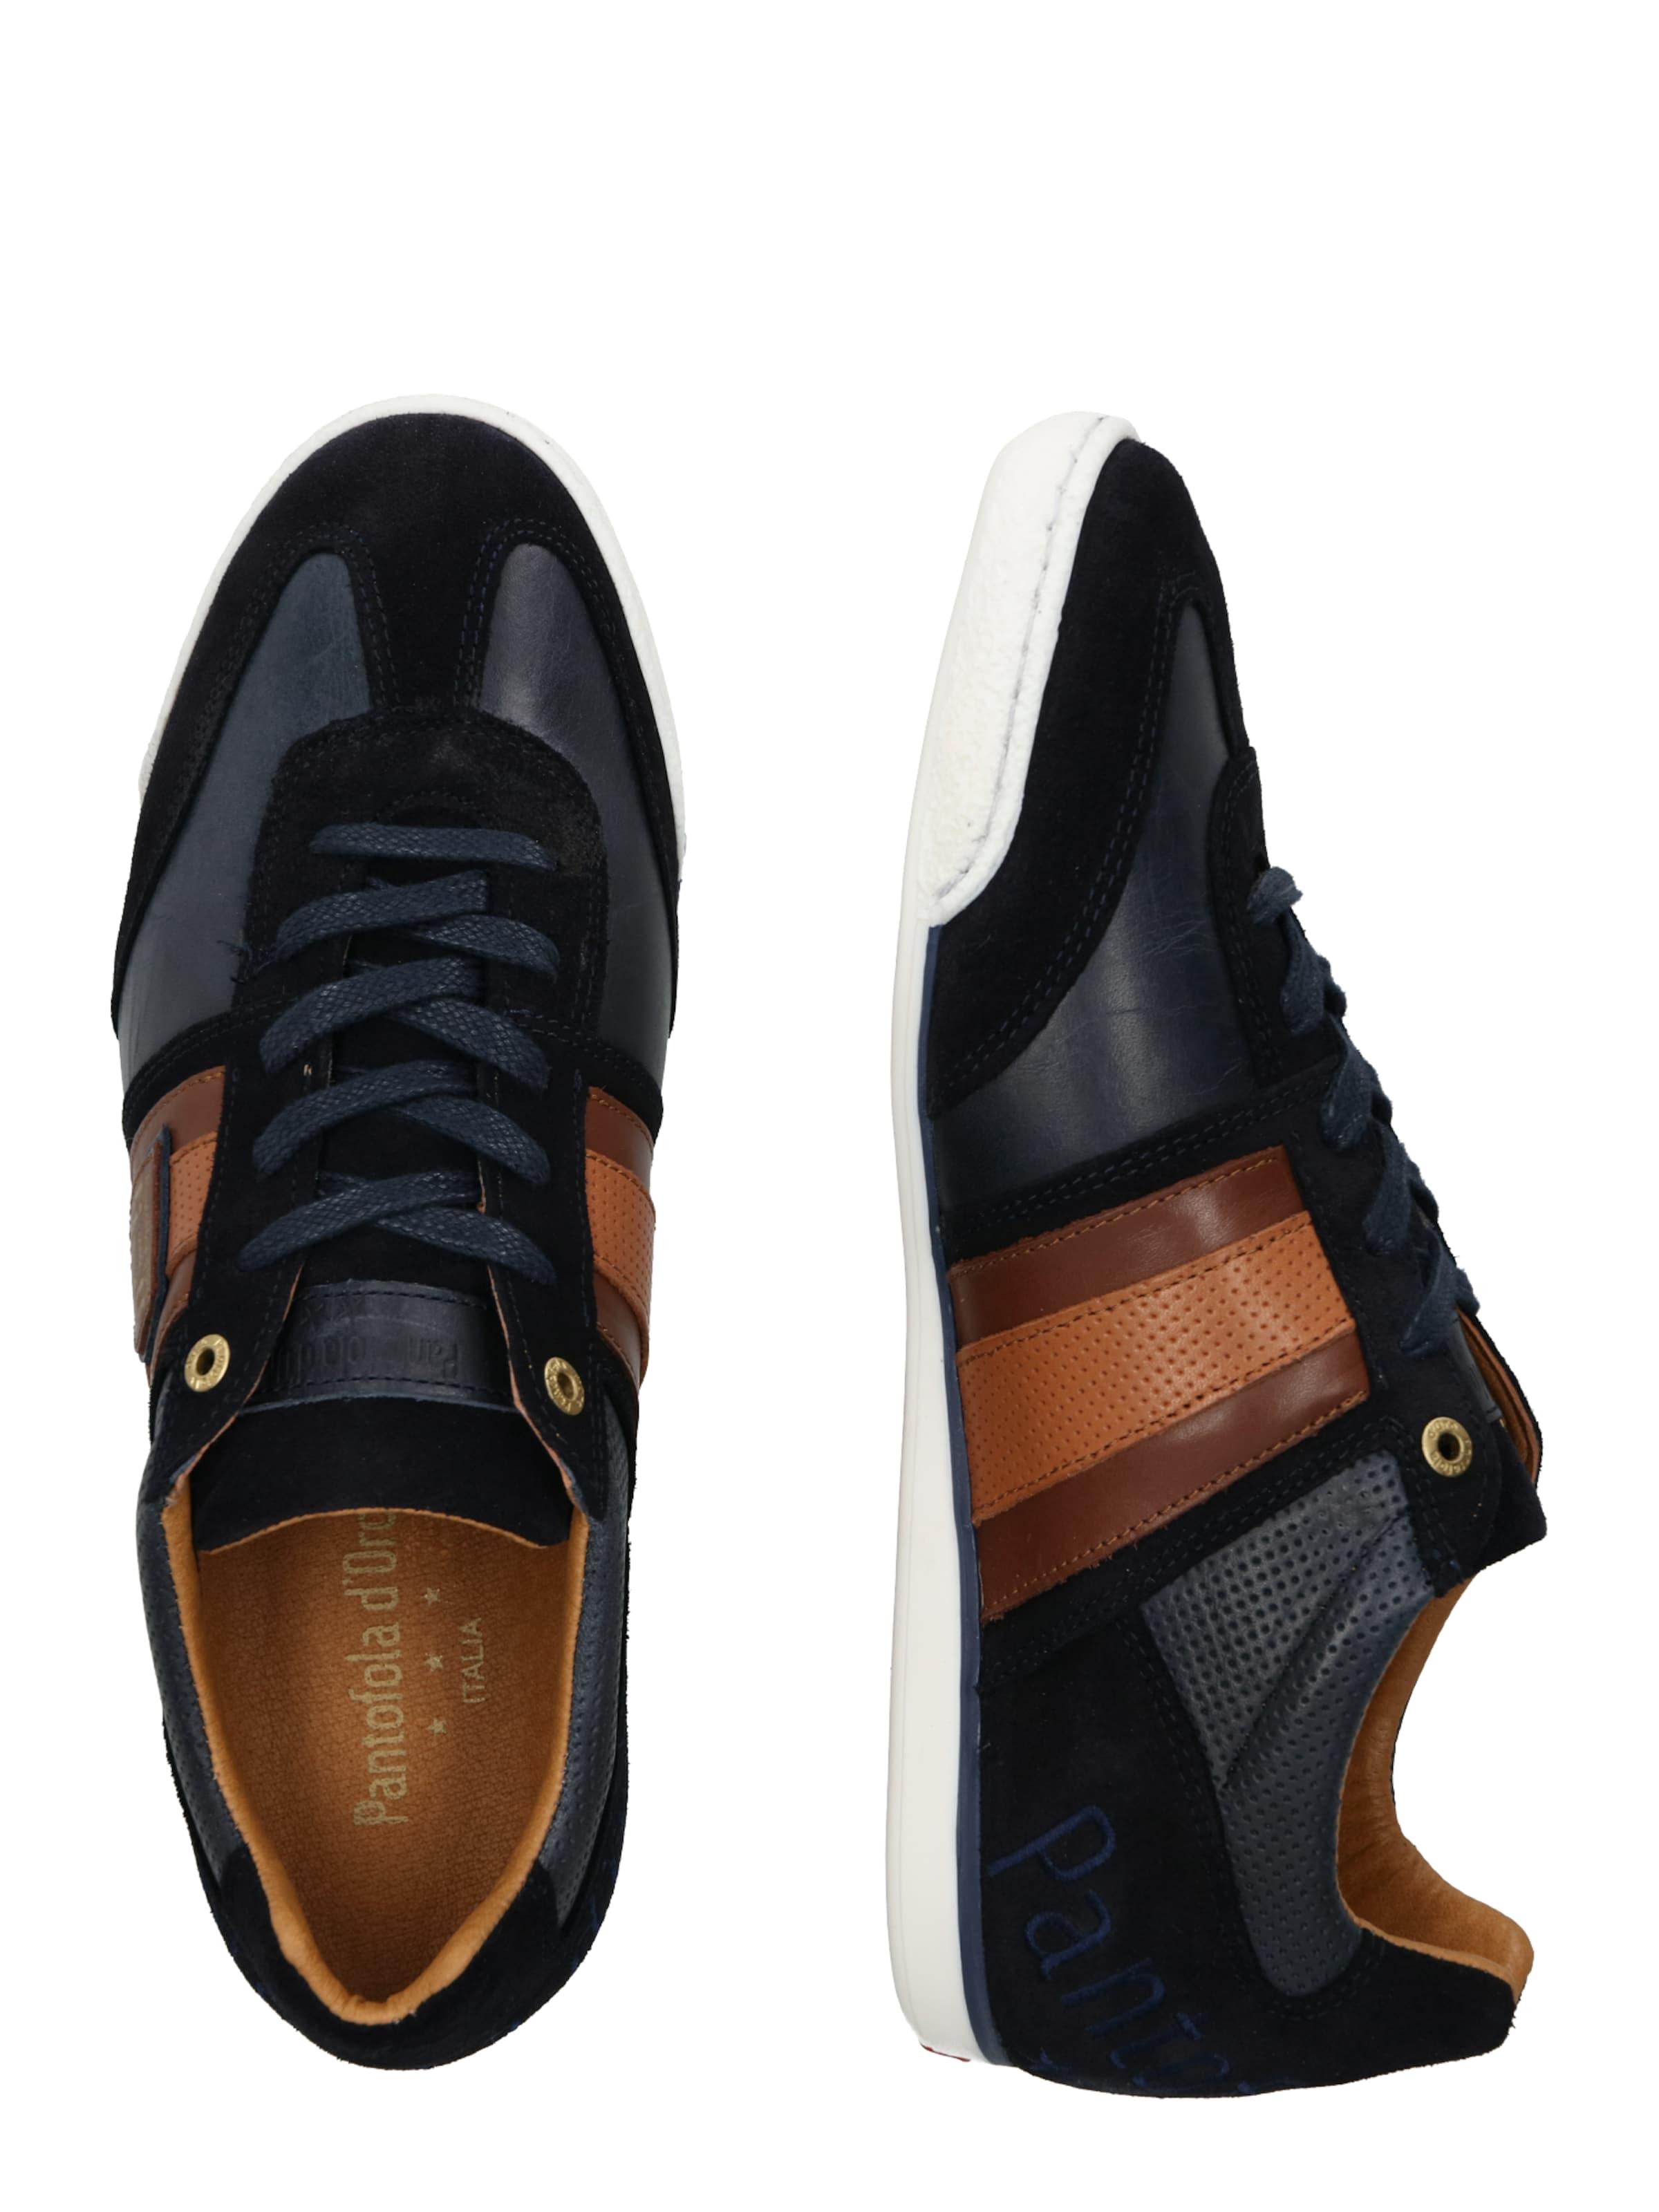 Nachtblau Sneaker Low' In Pantofola D'oro 'imola Scudo Uomo Ku1JcTlF3